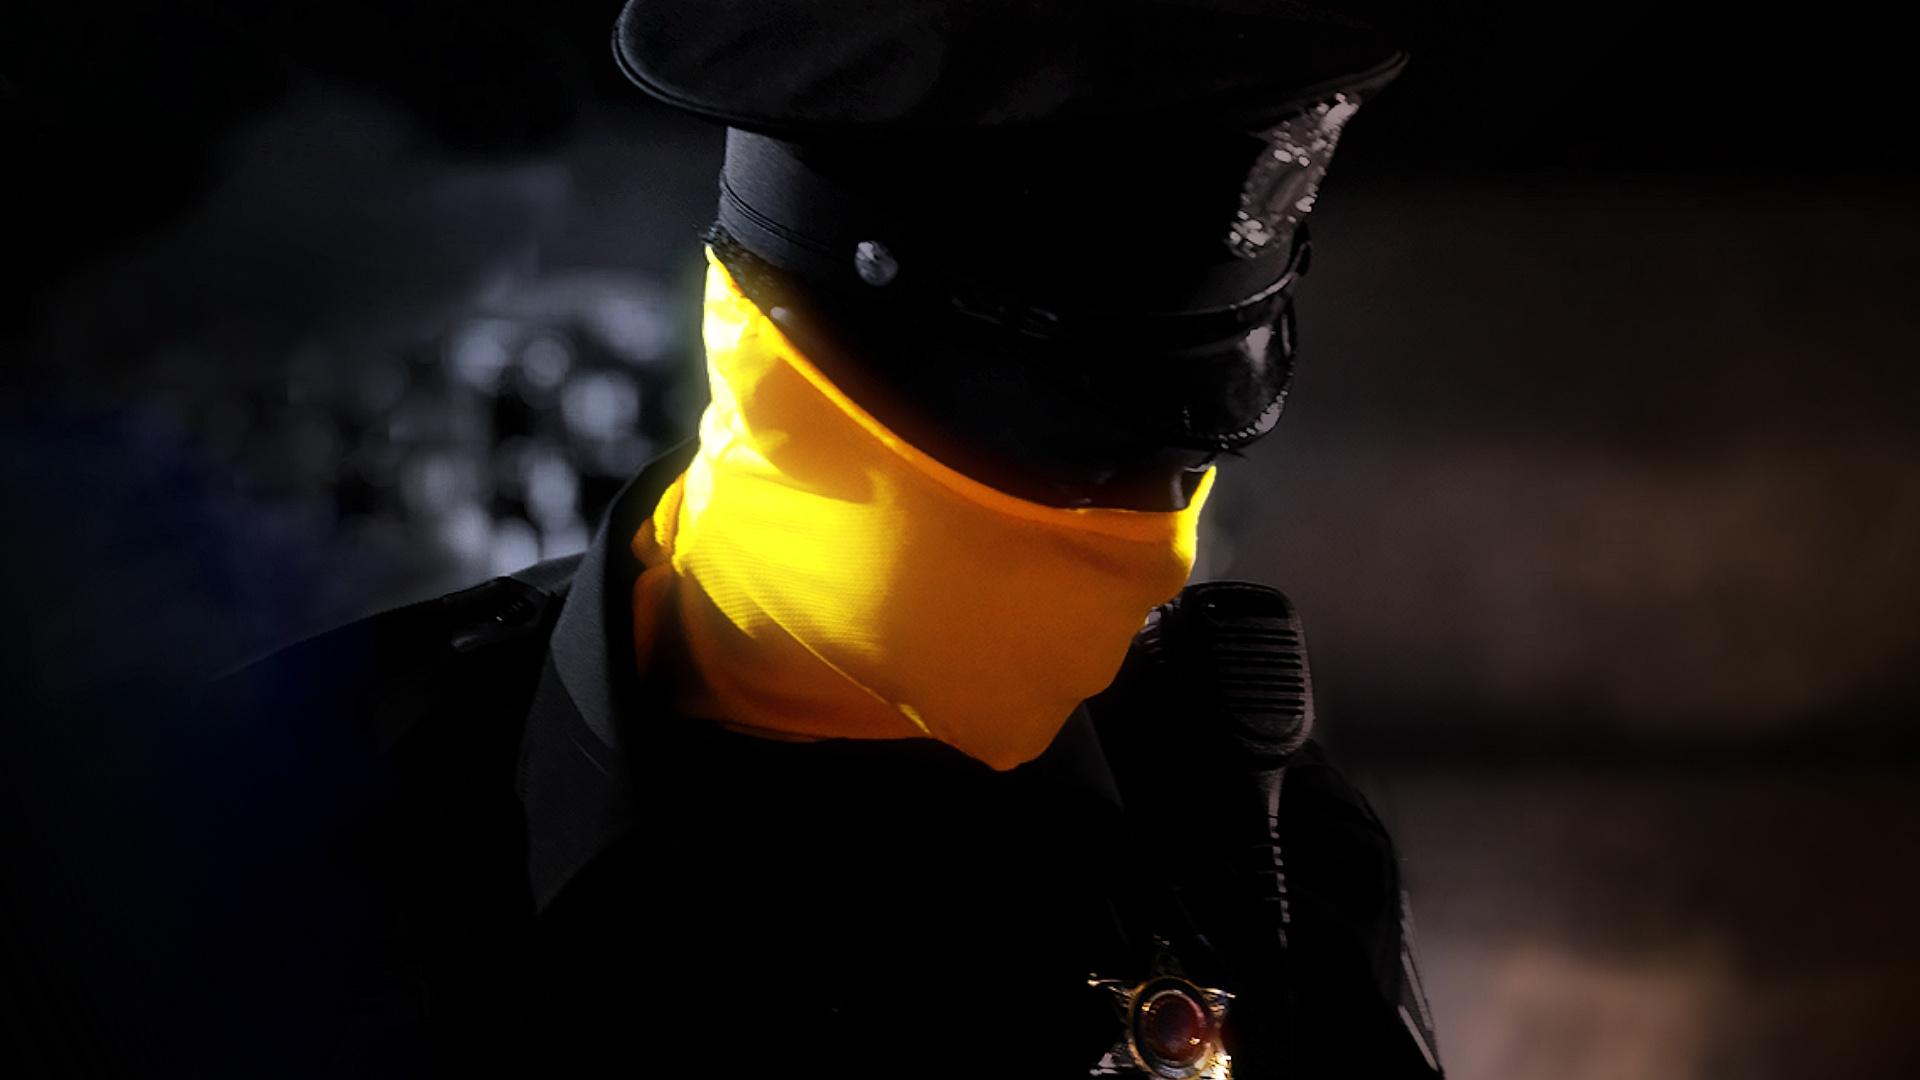 【写真を見る】『ゲーム・オブ・スローンズ』のHBO製作による大注目のSFアクションドラマ「ウォッチメン」